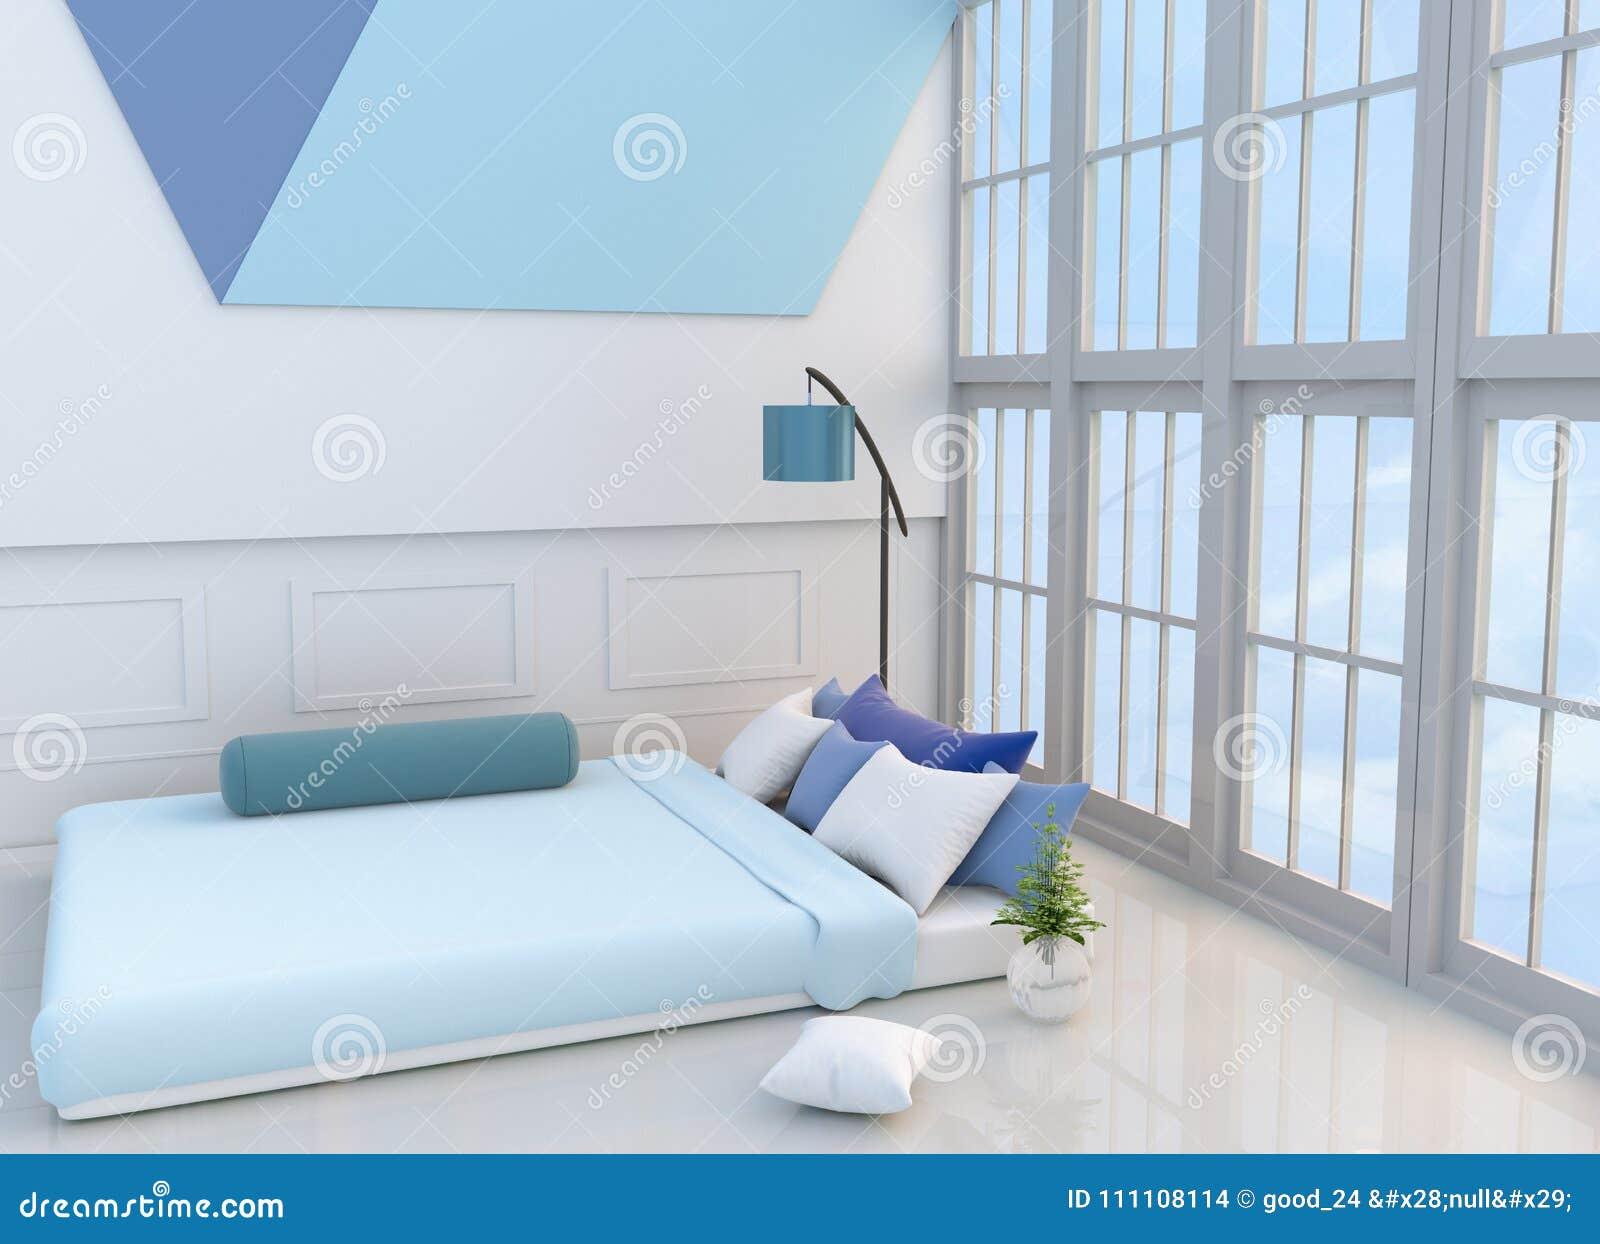 Chambre à Coucher Blanc Bleue Décorée Du Lit Bleu Clair, Arbre Dans Le Vase  En Verre, Oreillers, Table De Chevet, Fenêtre, Lampe Bleue, Le Traversin,  TV, ...